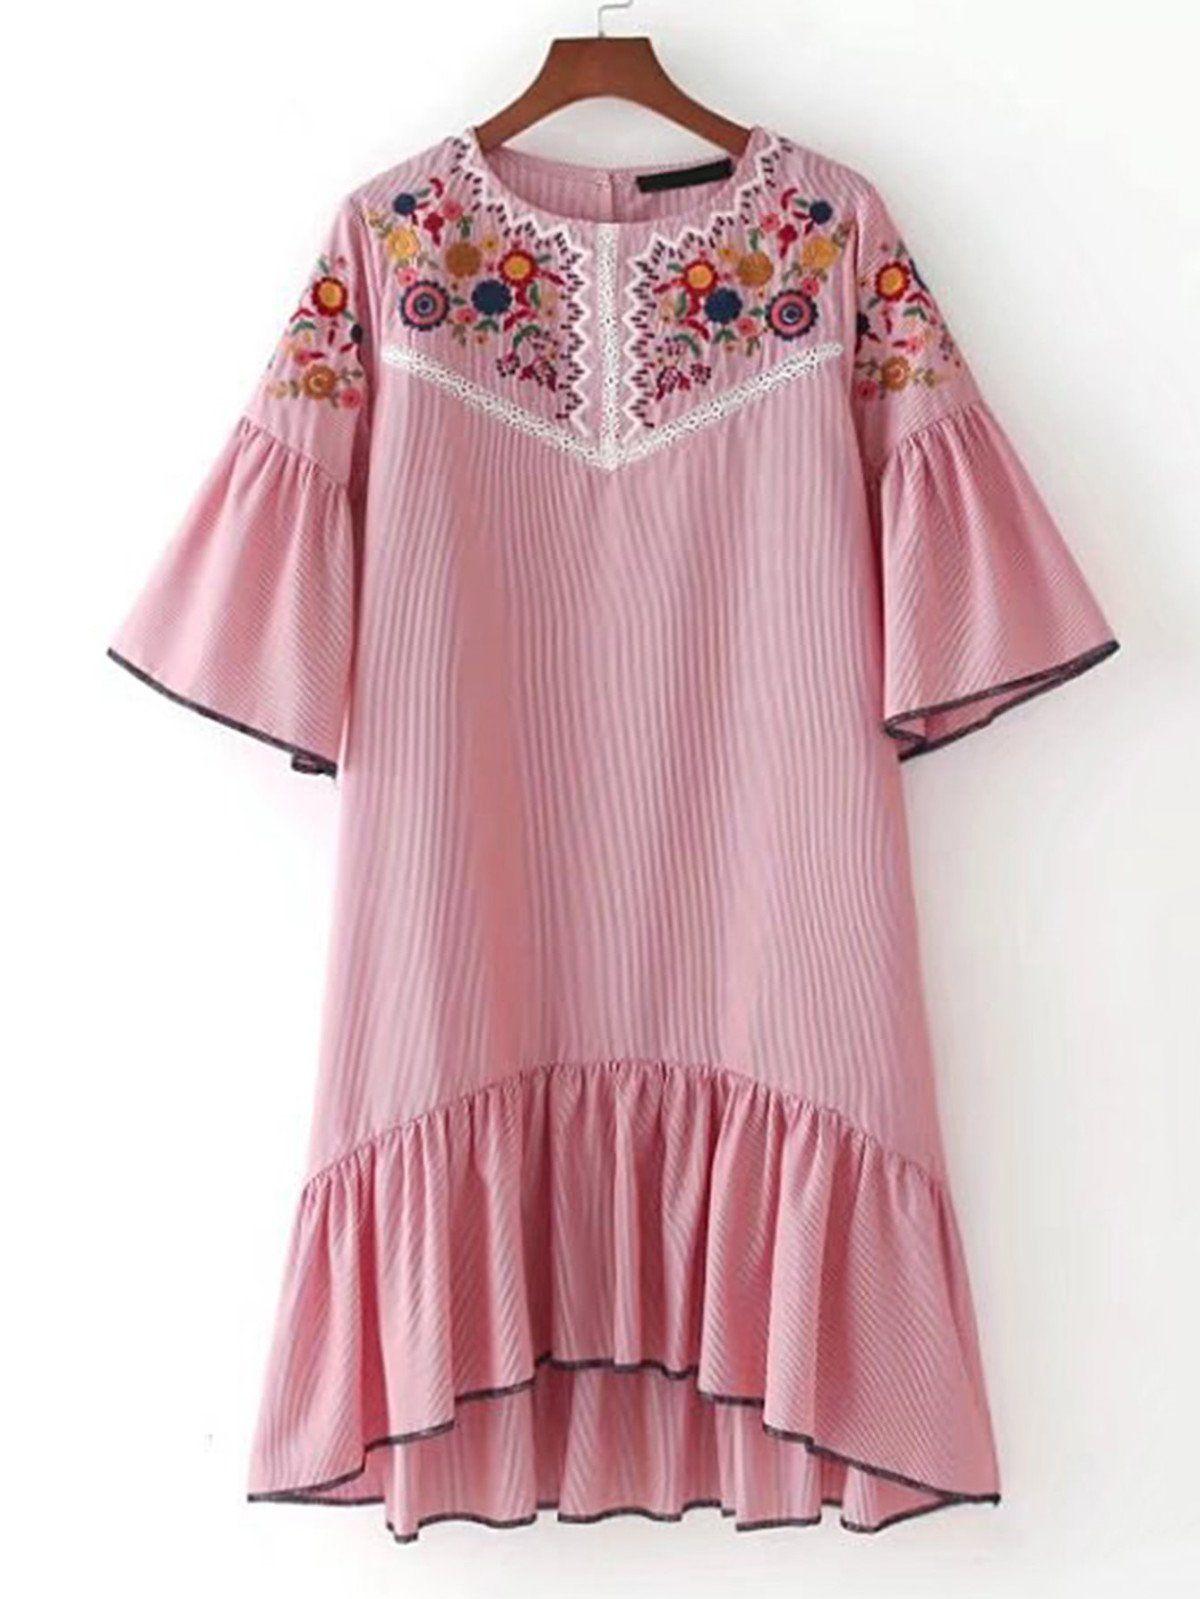 Pink dress design 2018  Bell Sleeve Ruffle Hem High Low Dress  High low Ruffles and Half